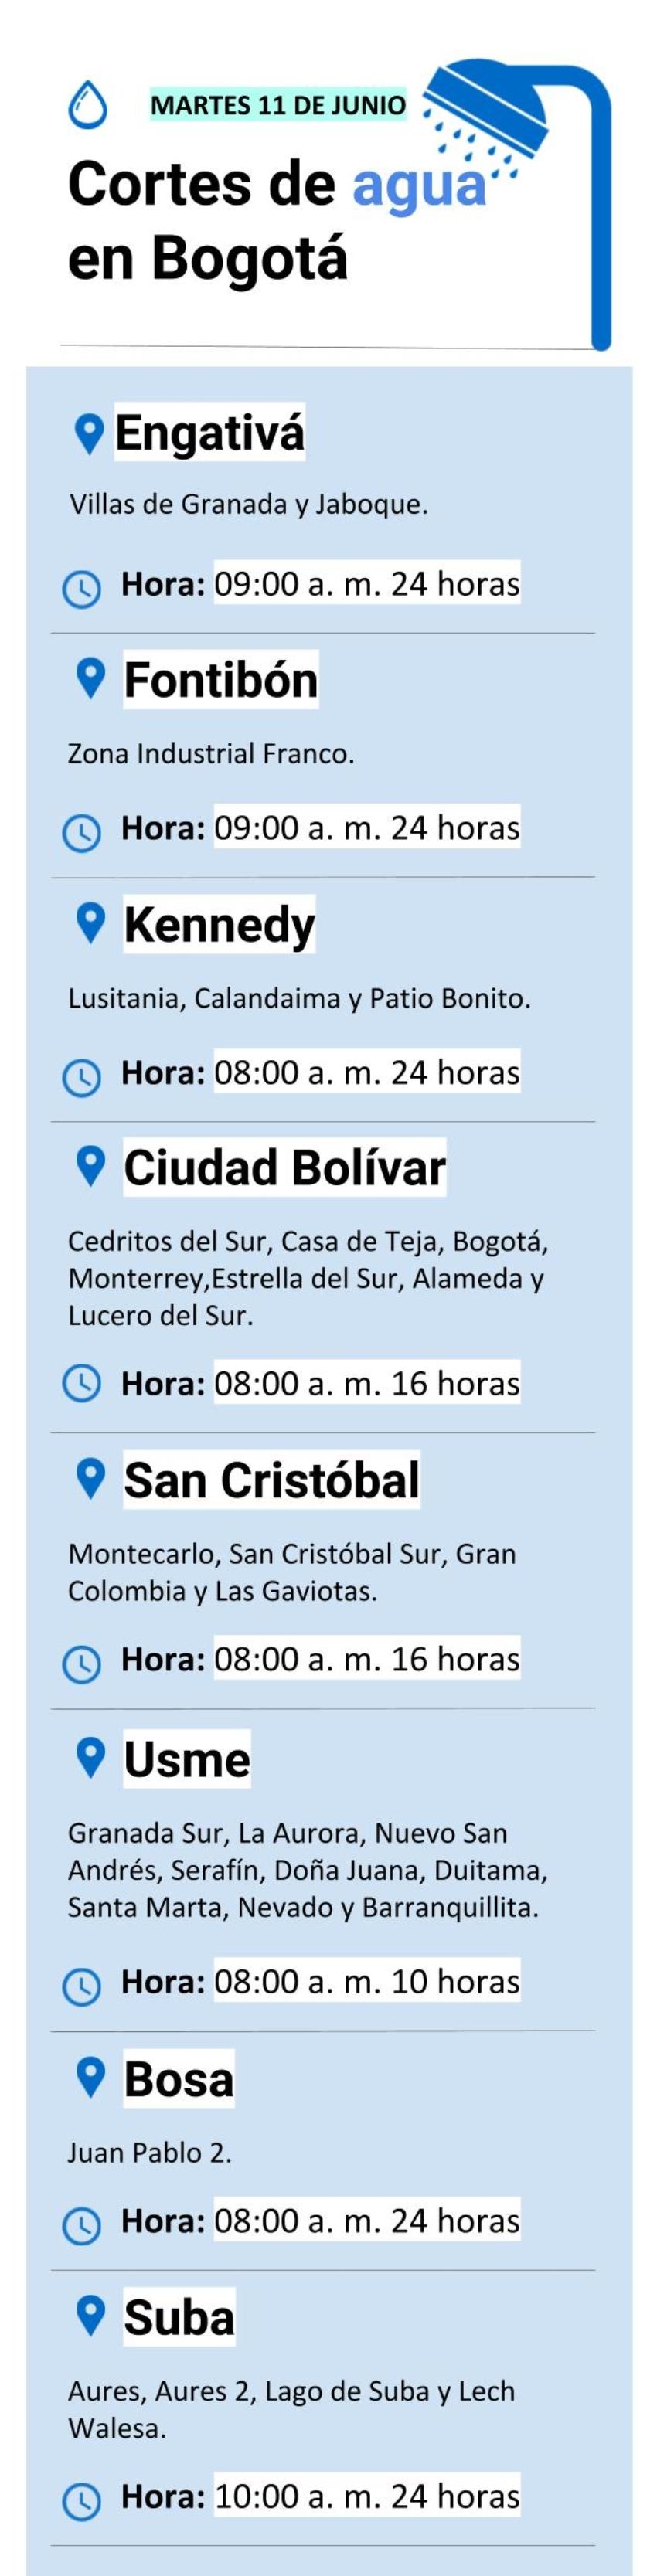 Cortes de agua en Bogotá martes 11 de junio